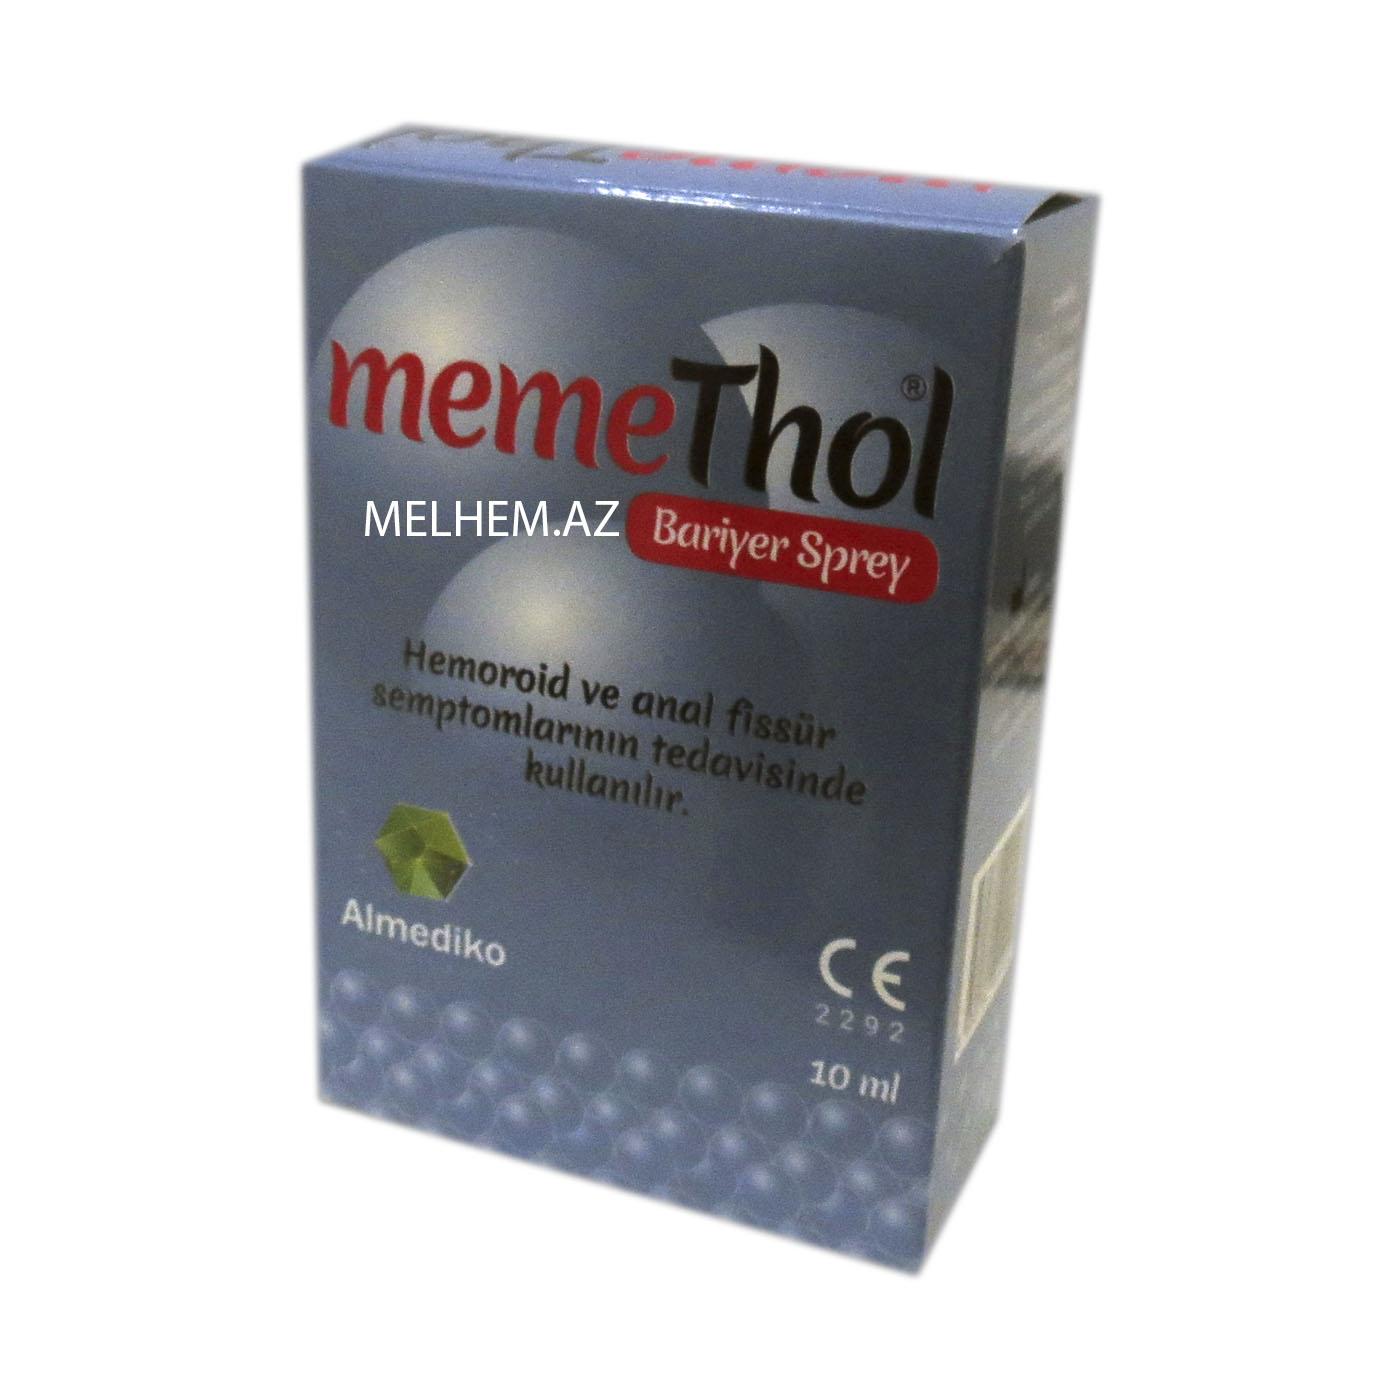 MEMETHOL